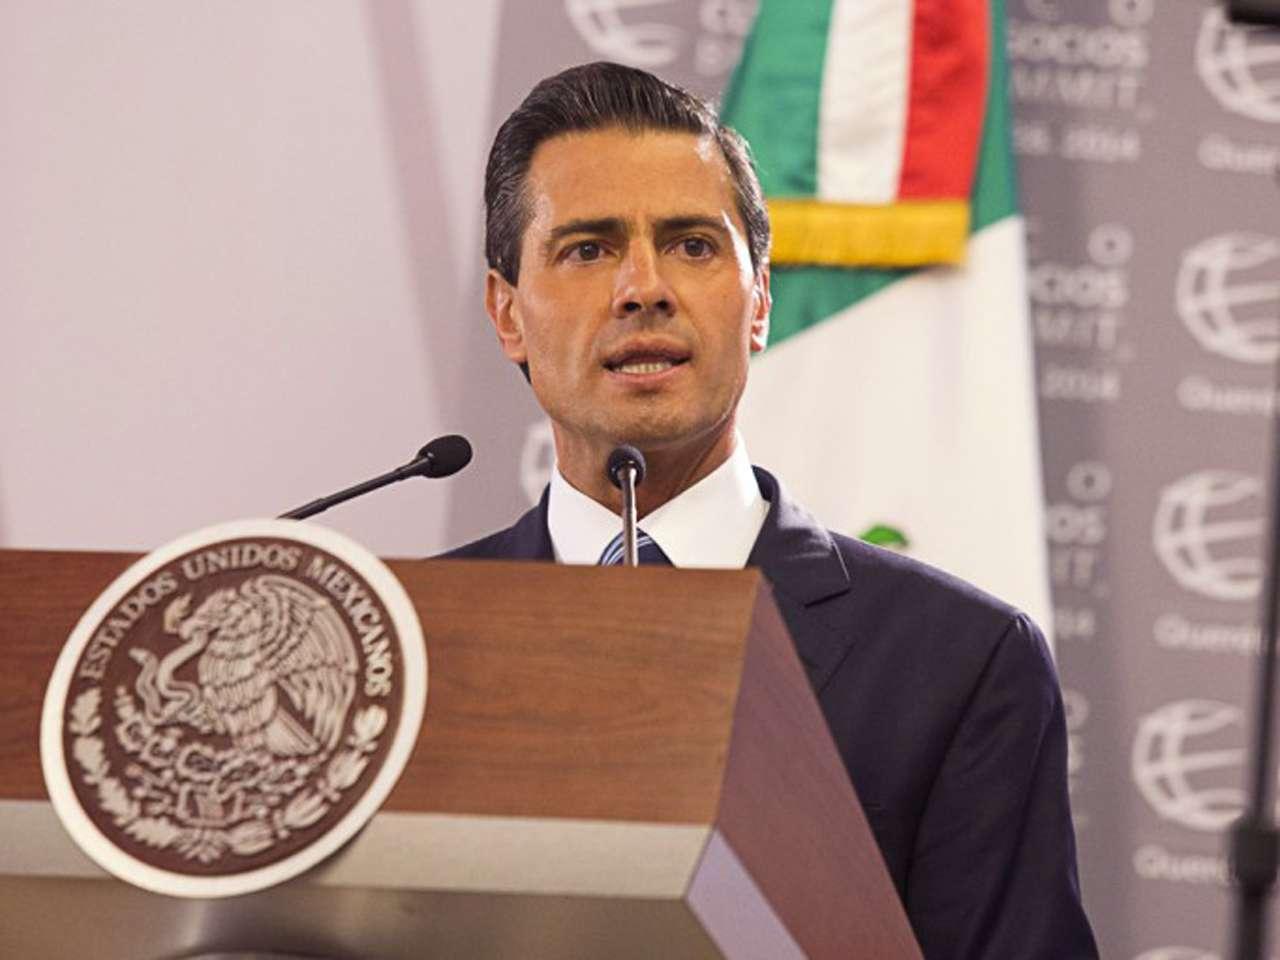 El Presidente Peña Nieto reveló su declaración patrimonial, en la que dice que cuenta con cuatro casas, un departamento y cuatro terrenos. Foto: Presidencia